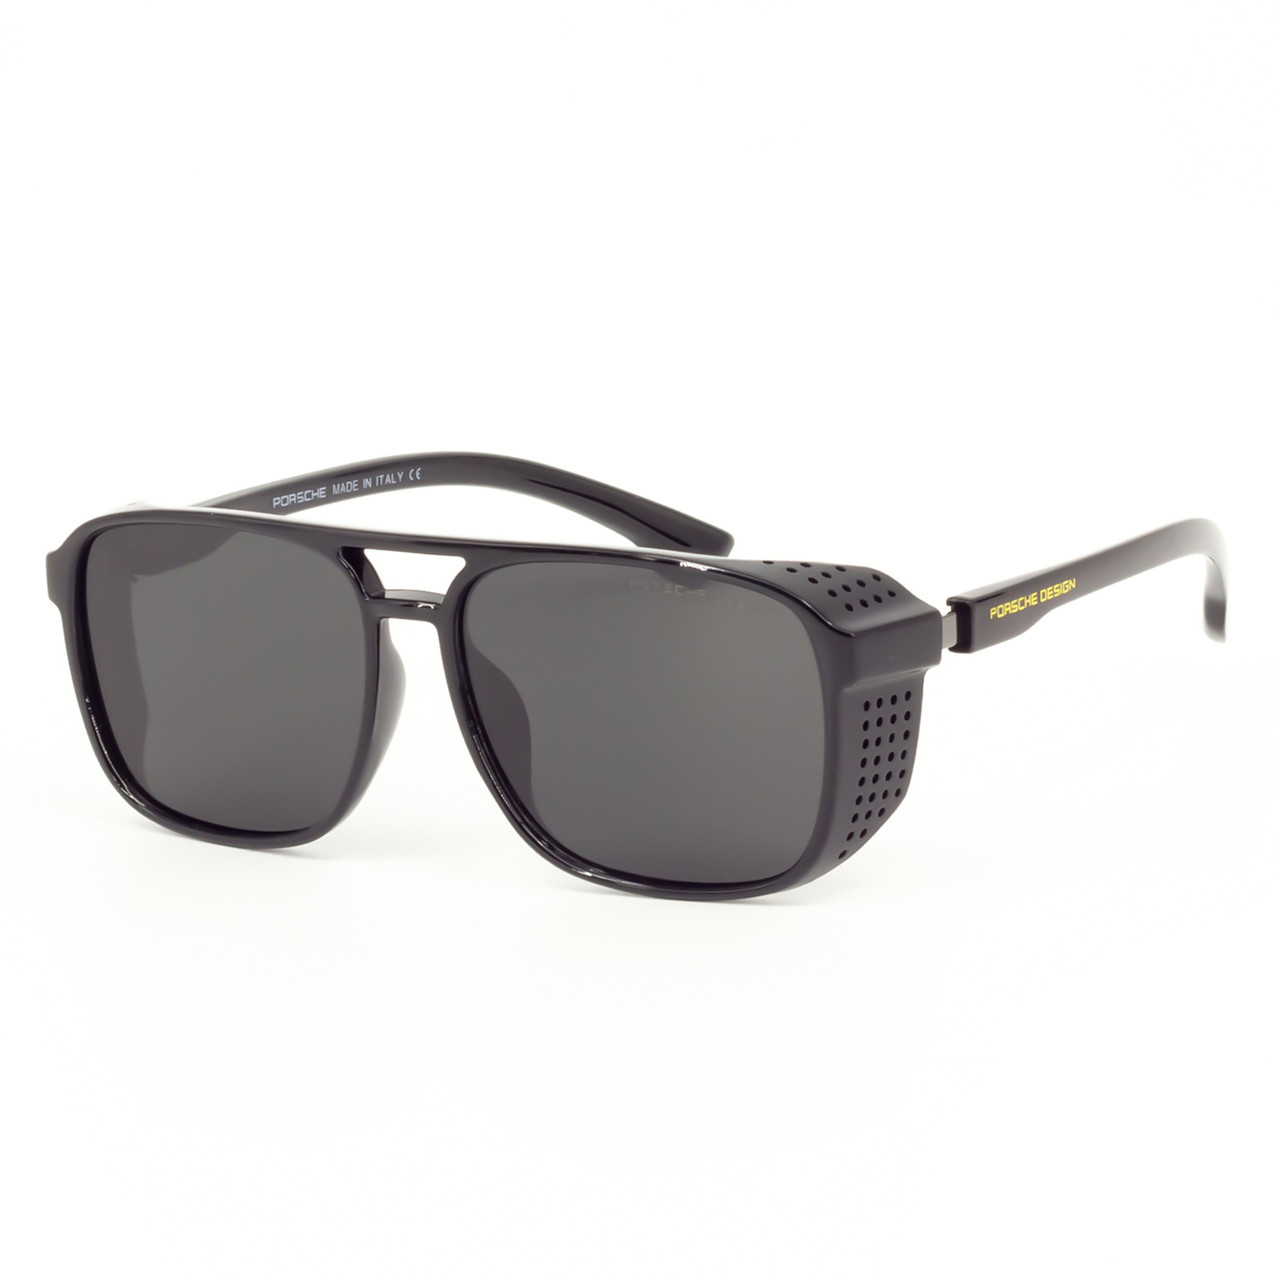 Солнцезащитные очки Porsche RP1845 C1 черные глянцевые    ( RP1845-01 )